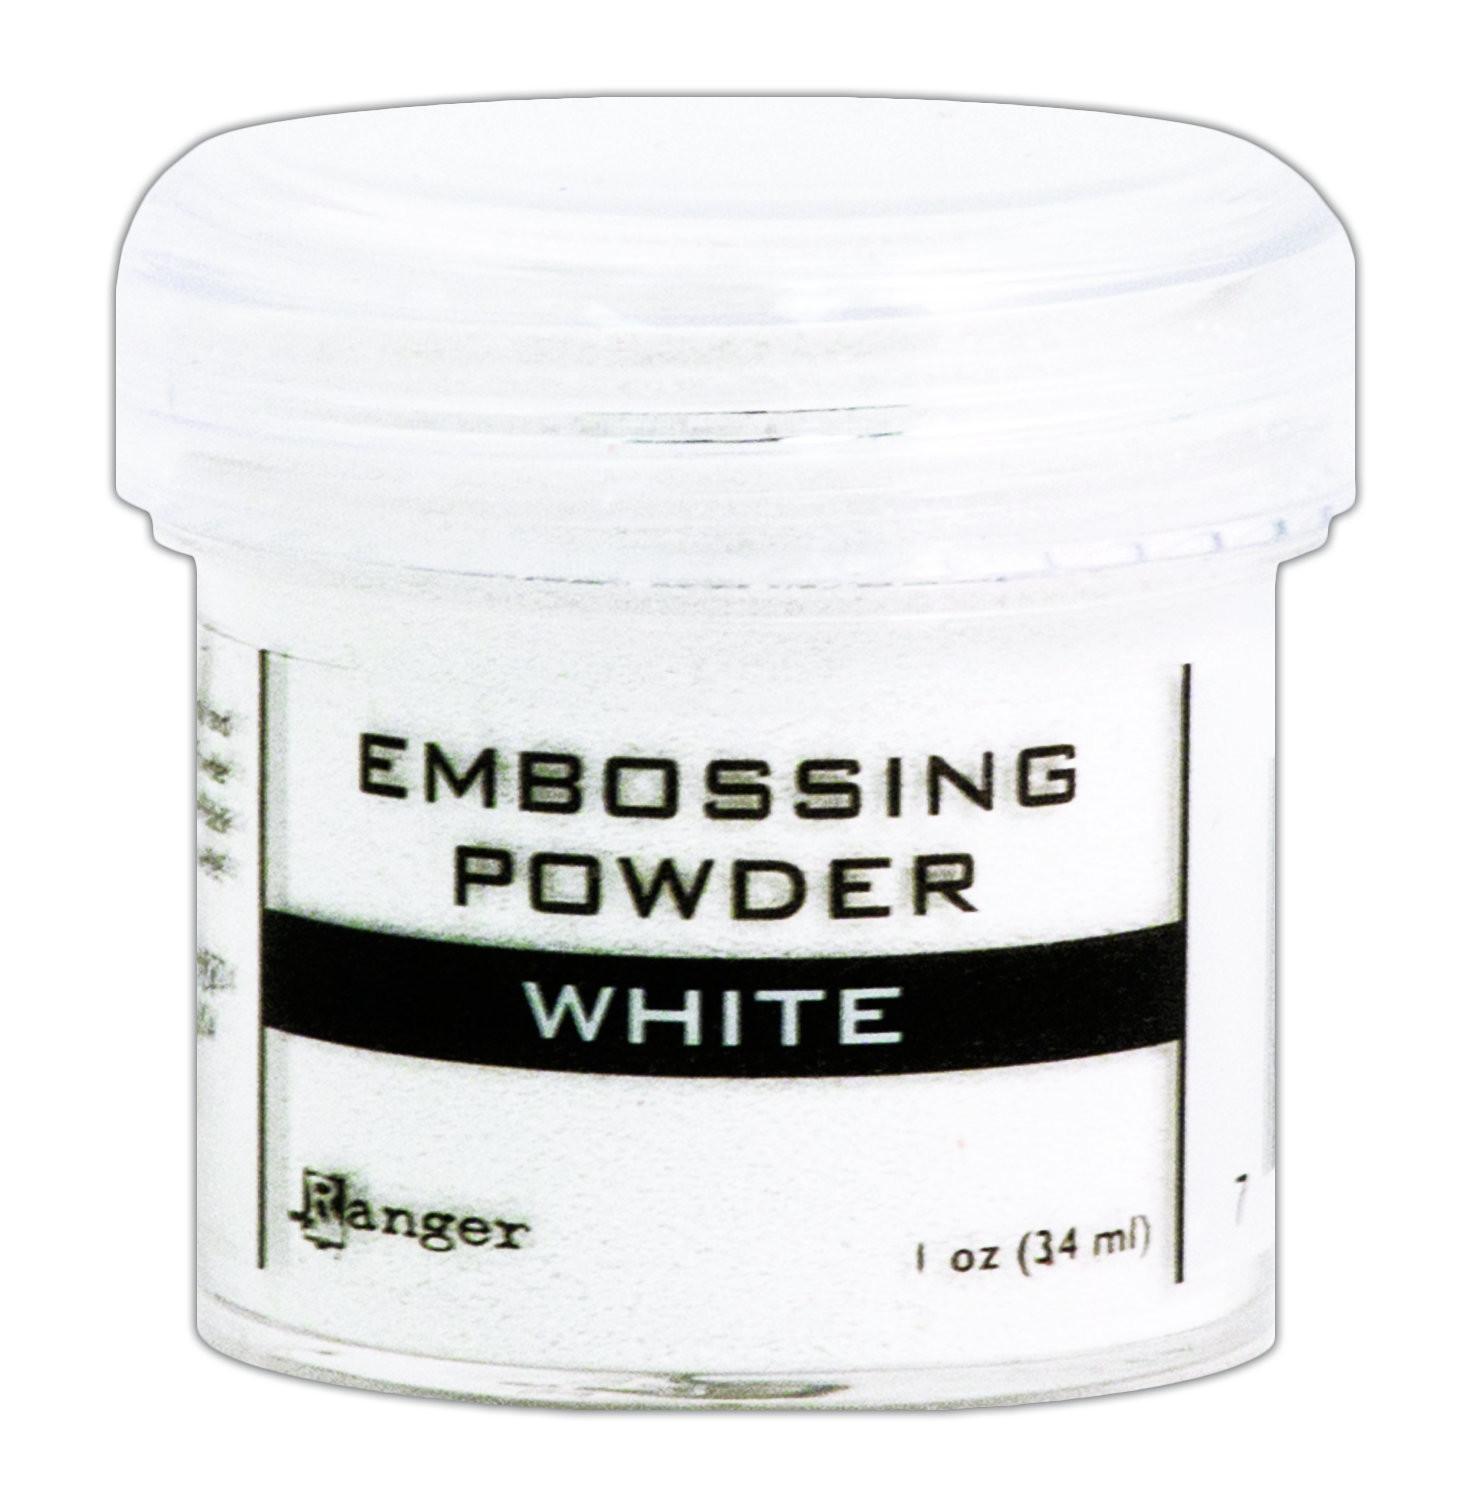 Ranger WHITE Embossing Powder 1oz